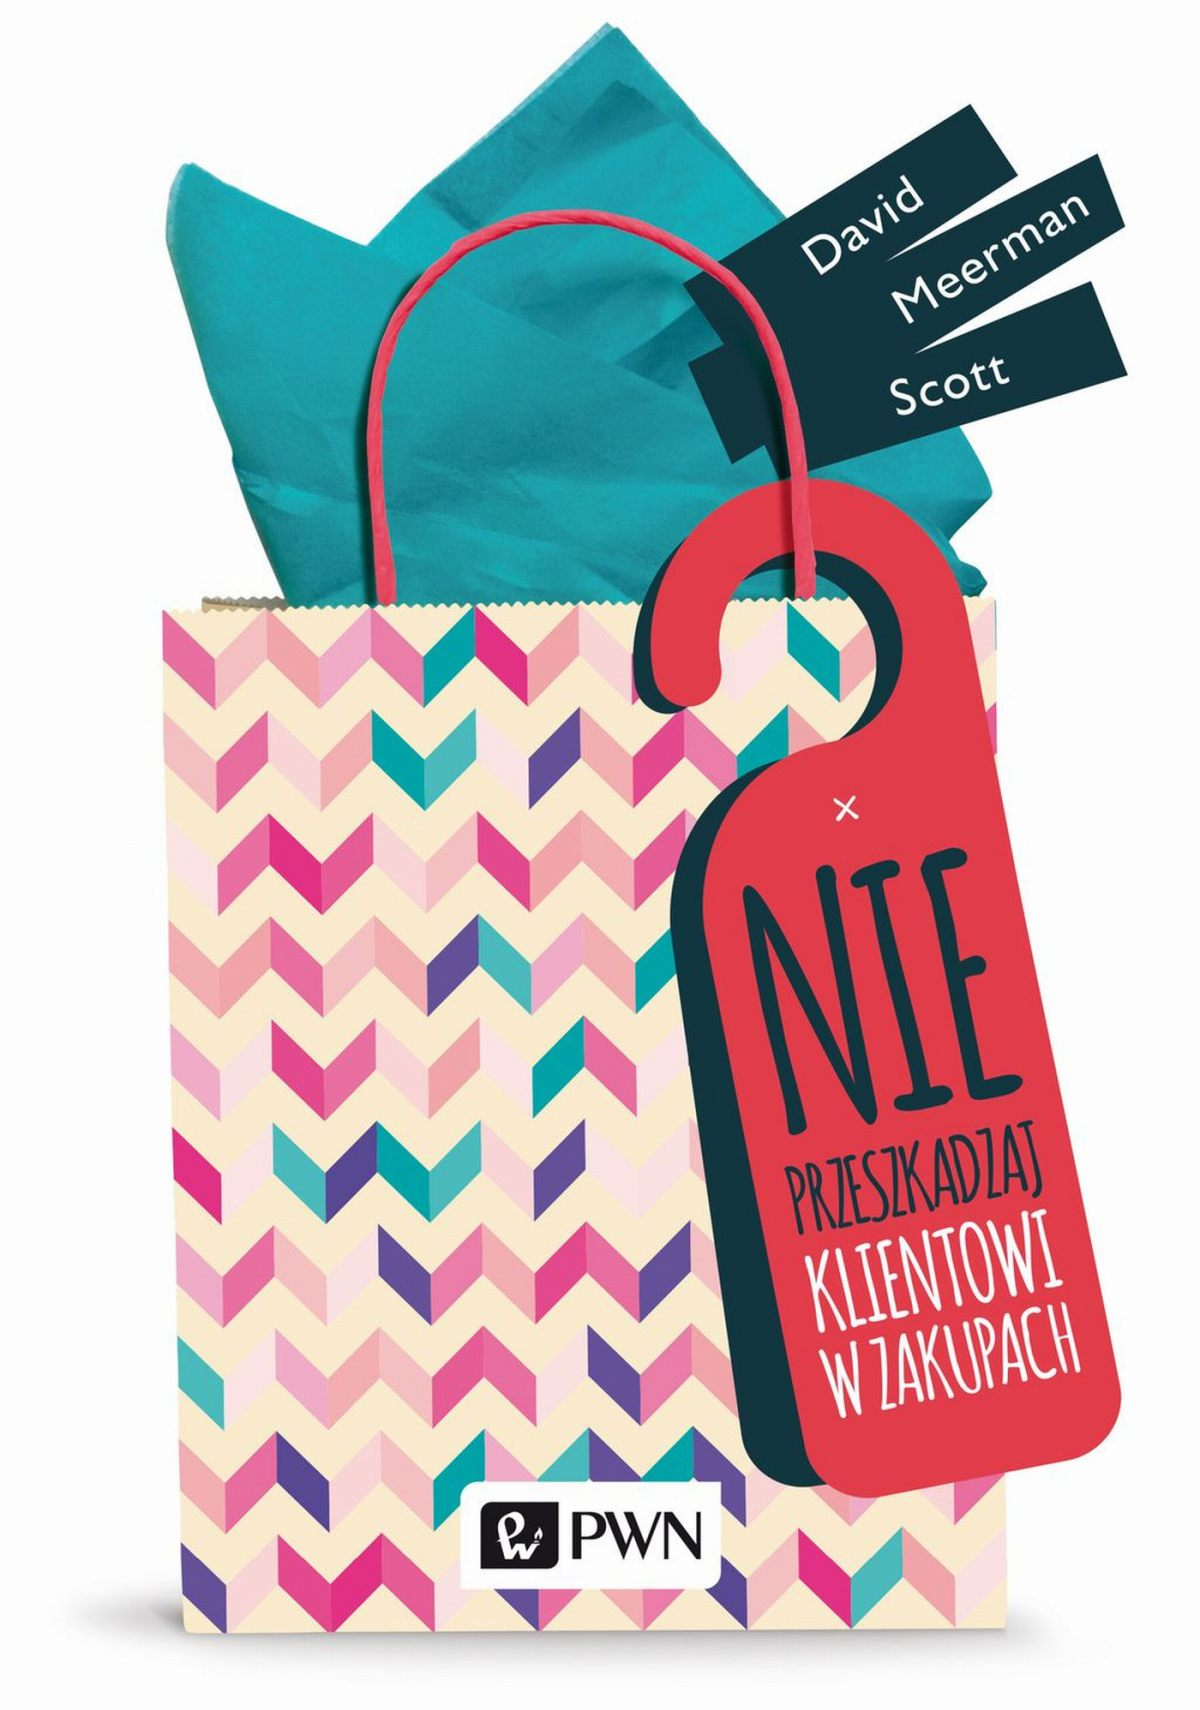 Nie przeszkadzaj klientowi w zakupach - Ebook (Książka na Kindle) do pobrania w formacie MOBI